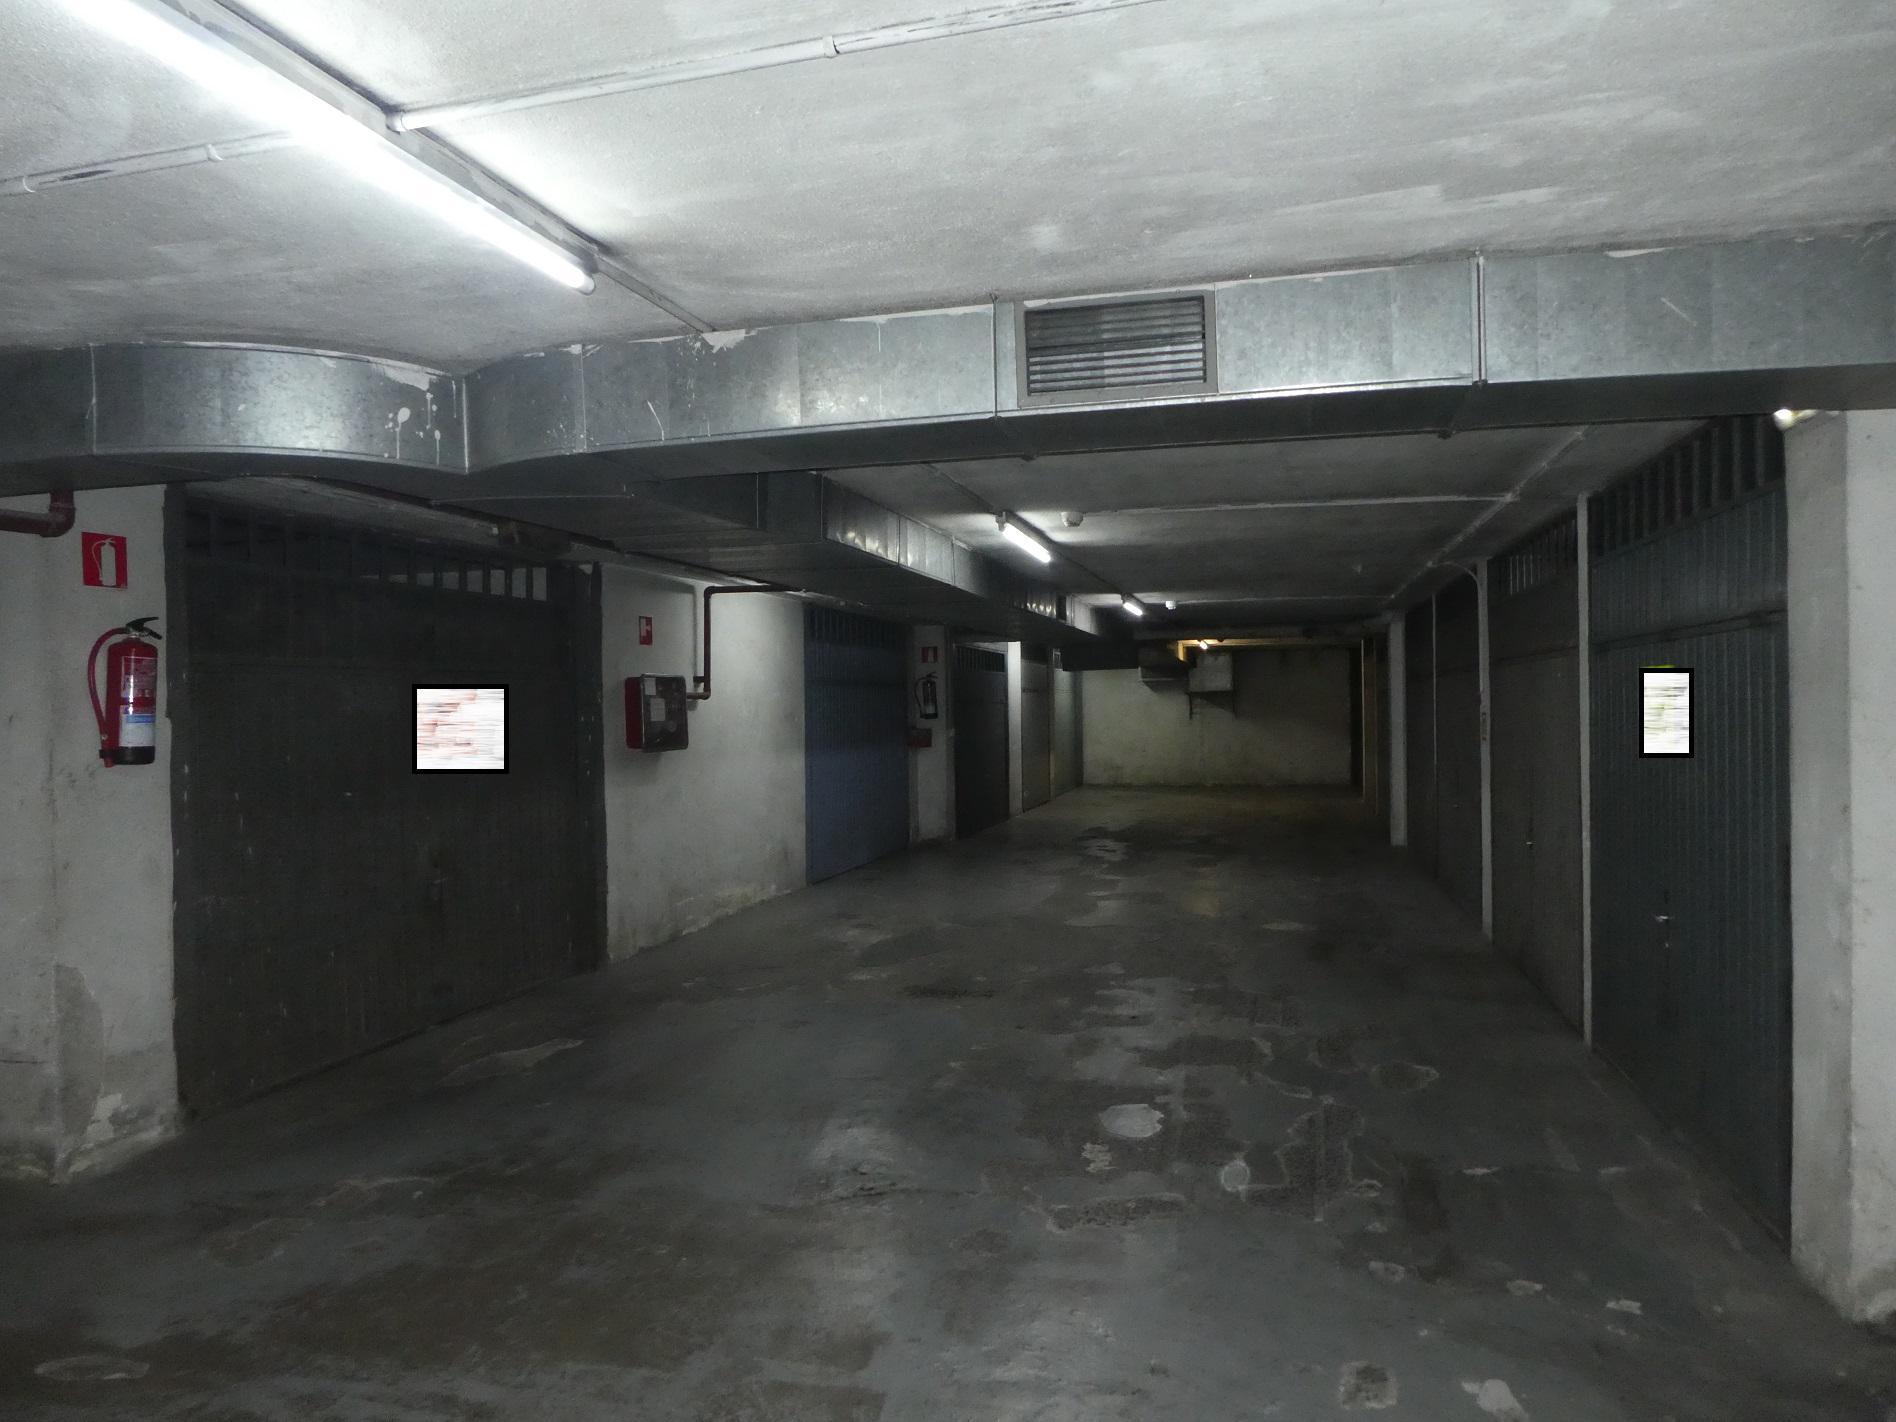 Imagen 2 Parking Coche en venta en Eibar / Zona Urkizu - Barakaldo